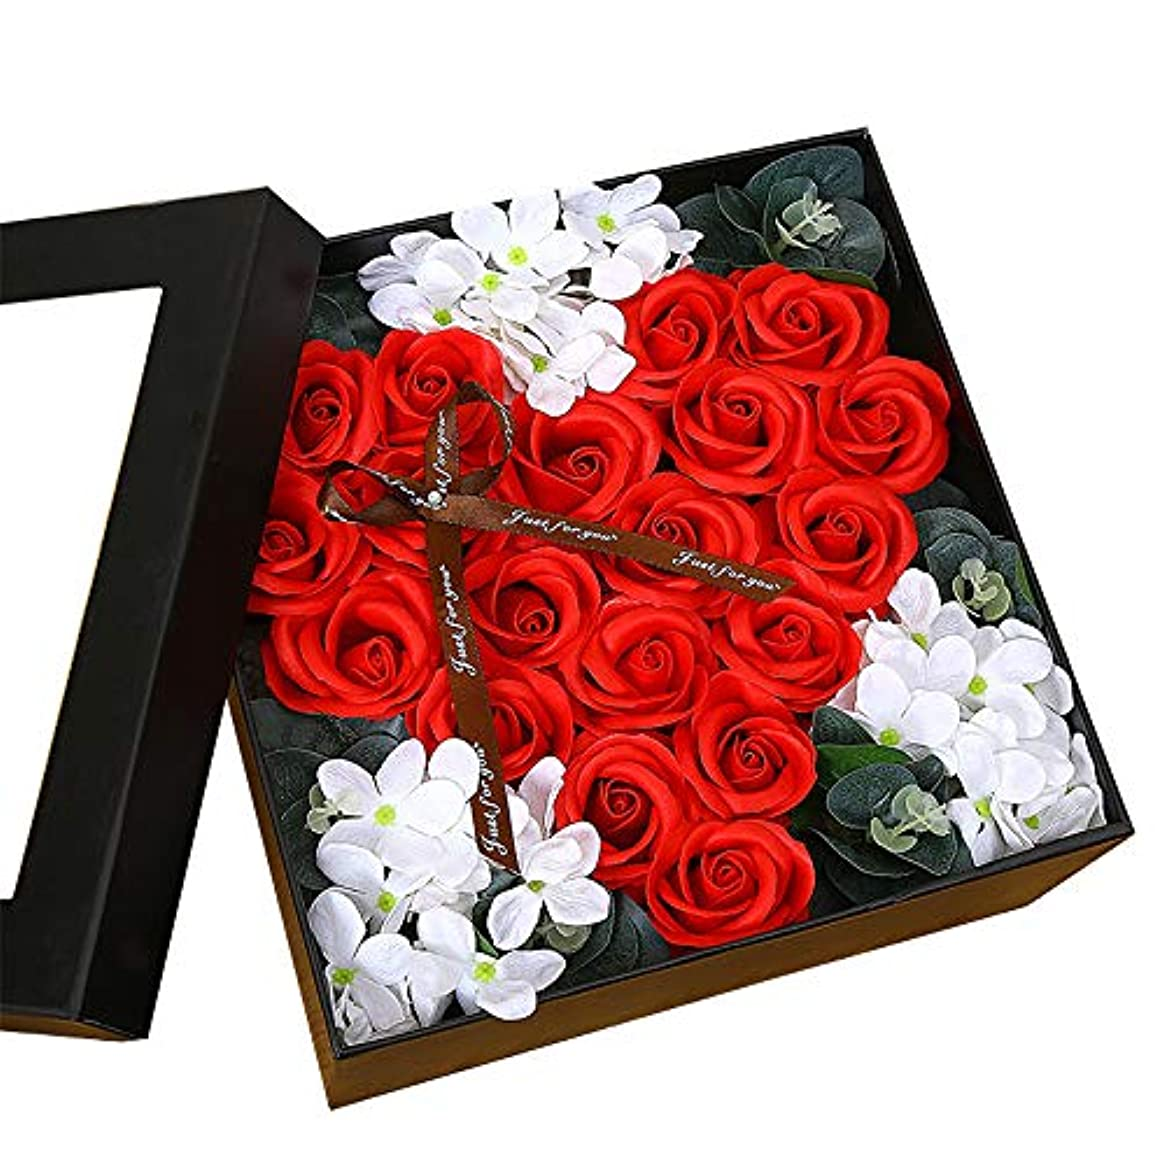 オープニング誘惑完全に乾く生地と花石鹸の花 ギフトソープフラワーローズフラワーバレンタインデーのために不可欠ガールフレンド記念日誕生日母の日 (色 : Red square box)